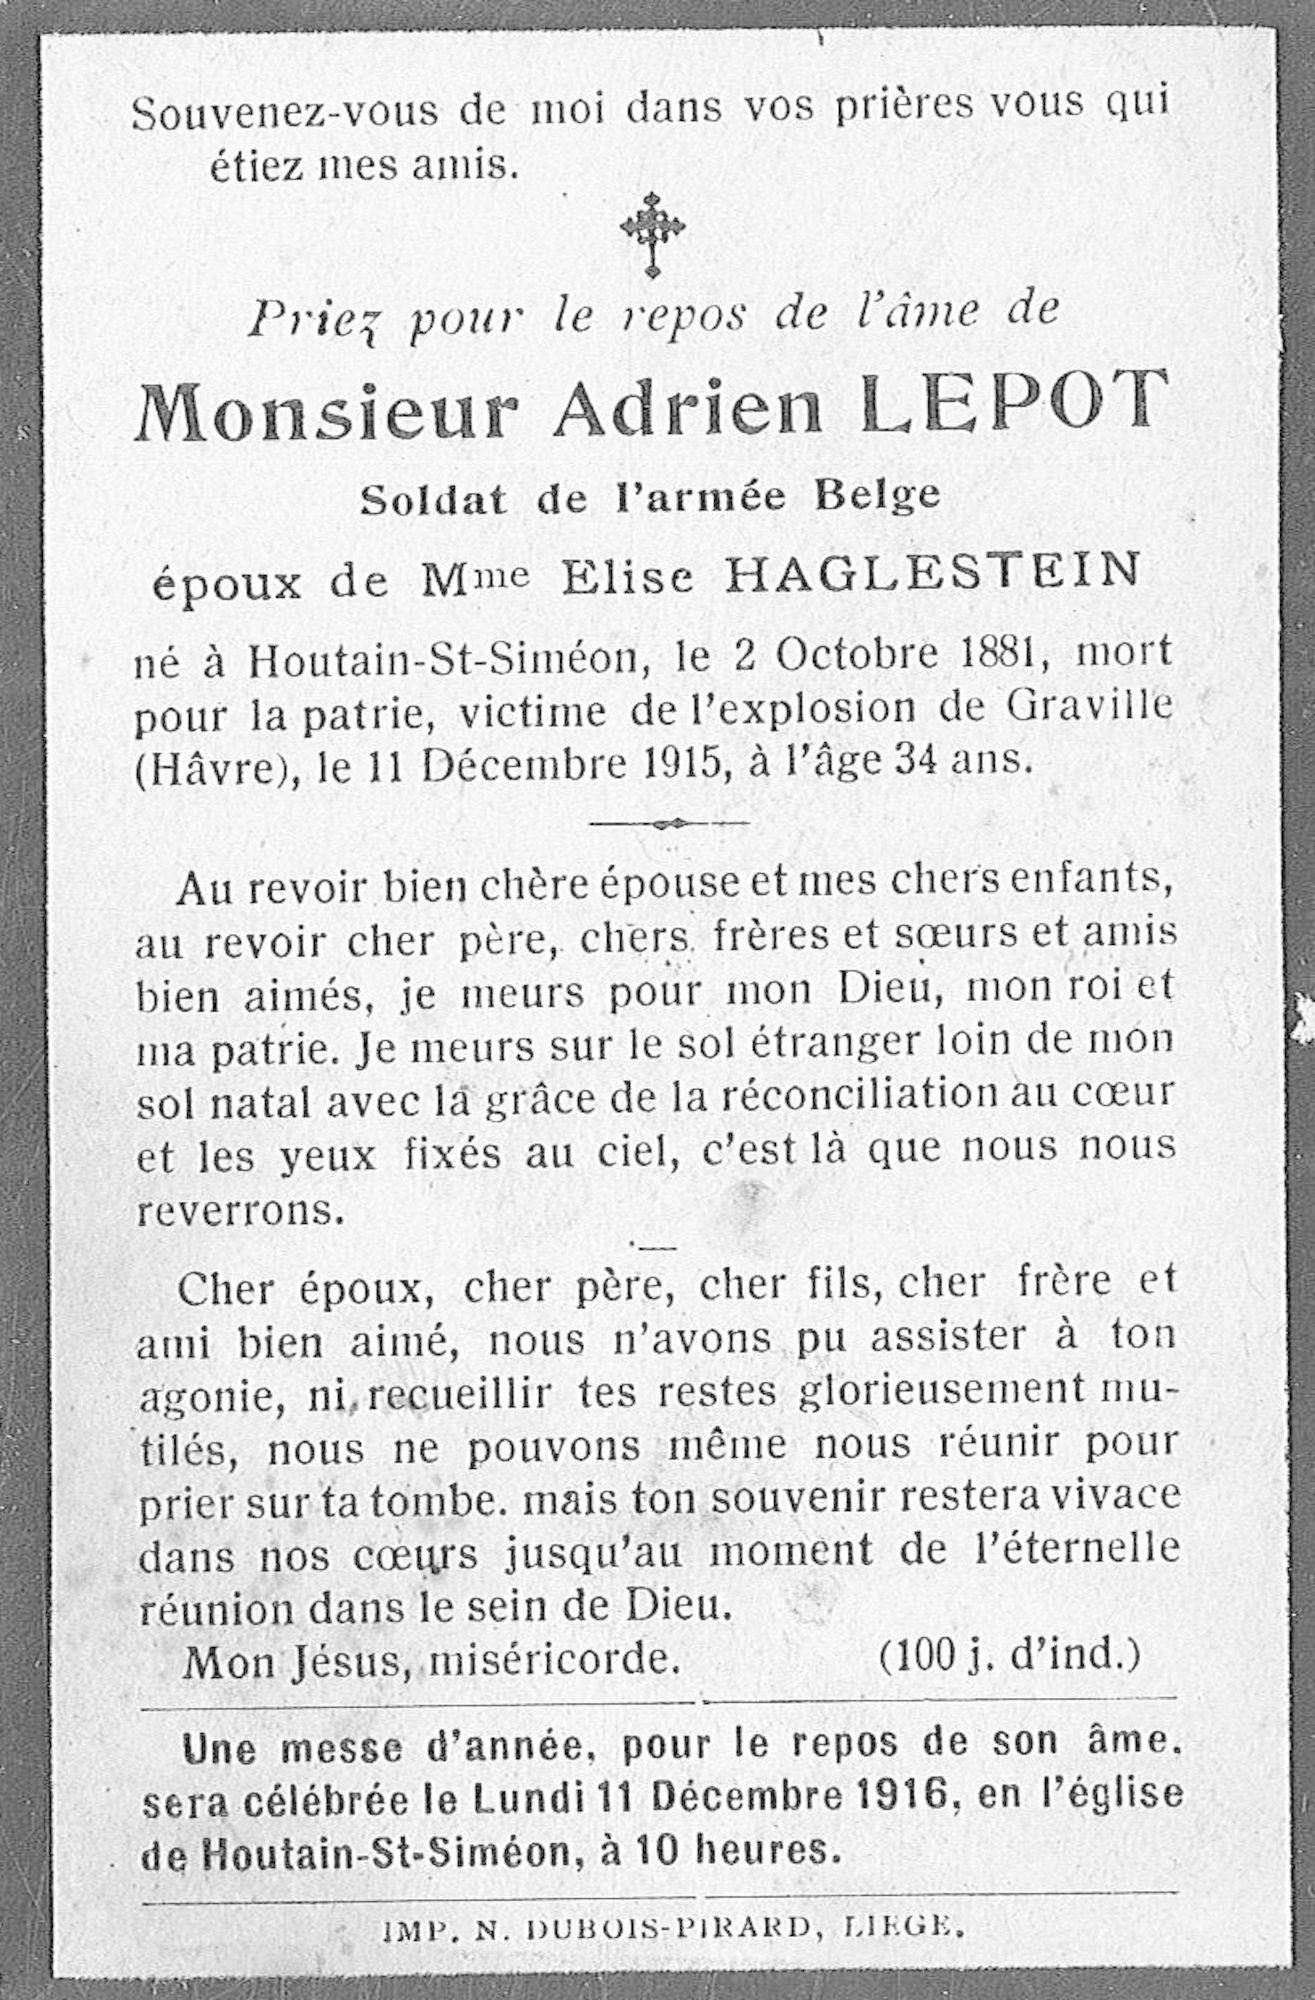 Adrien Lepot